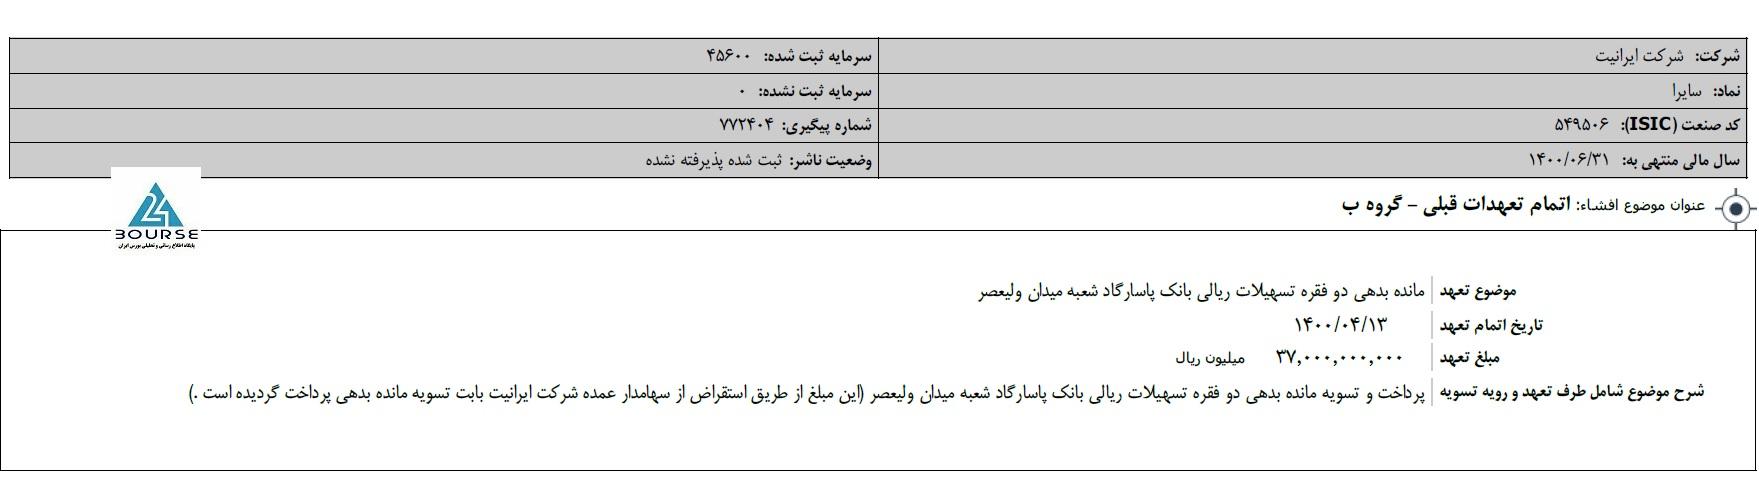 ایرانیت بدهی بانک پاسارگاد را تسویه کرد